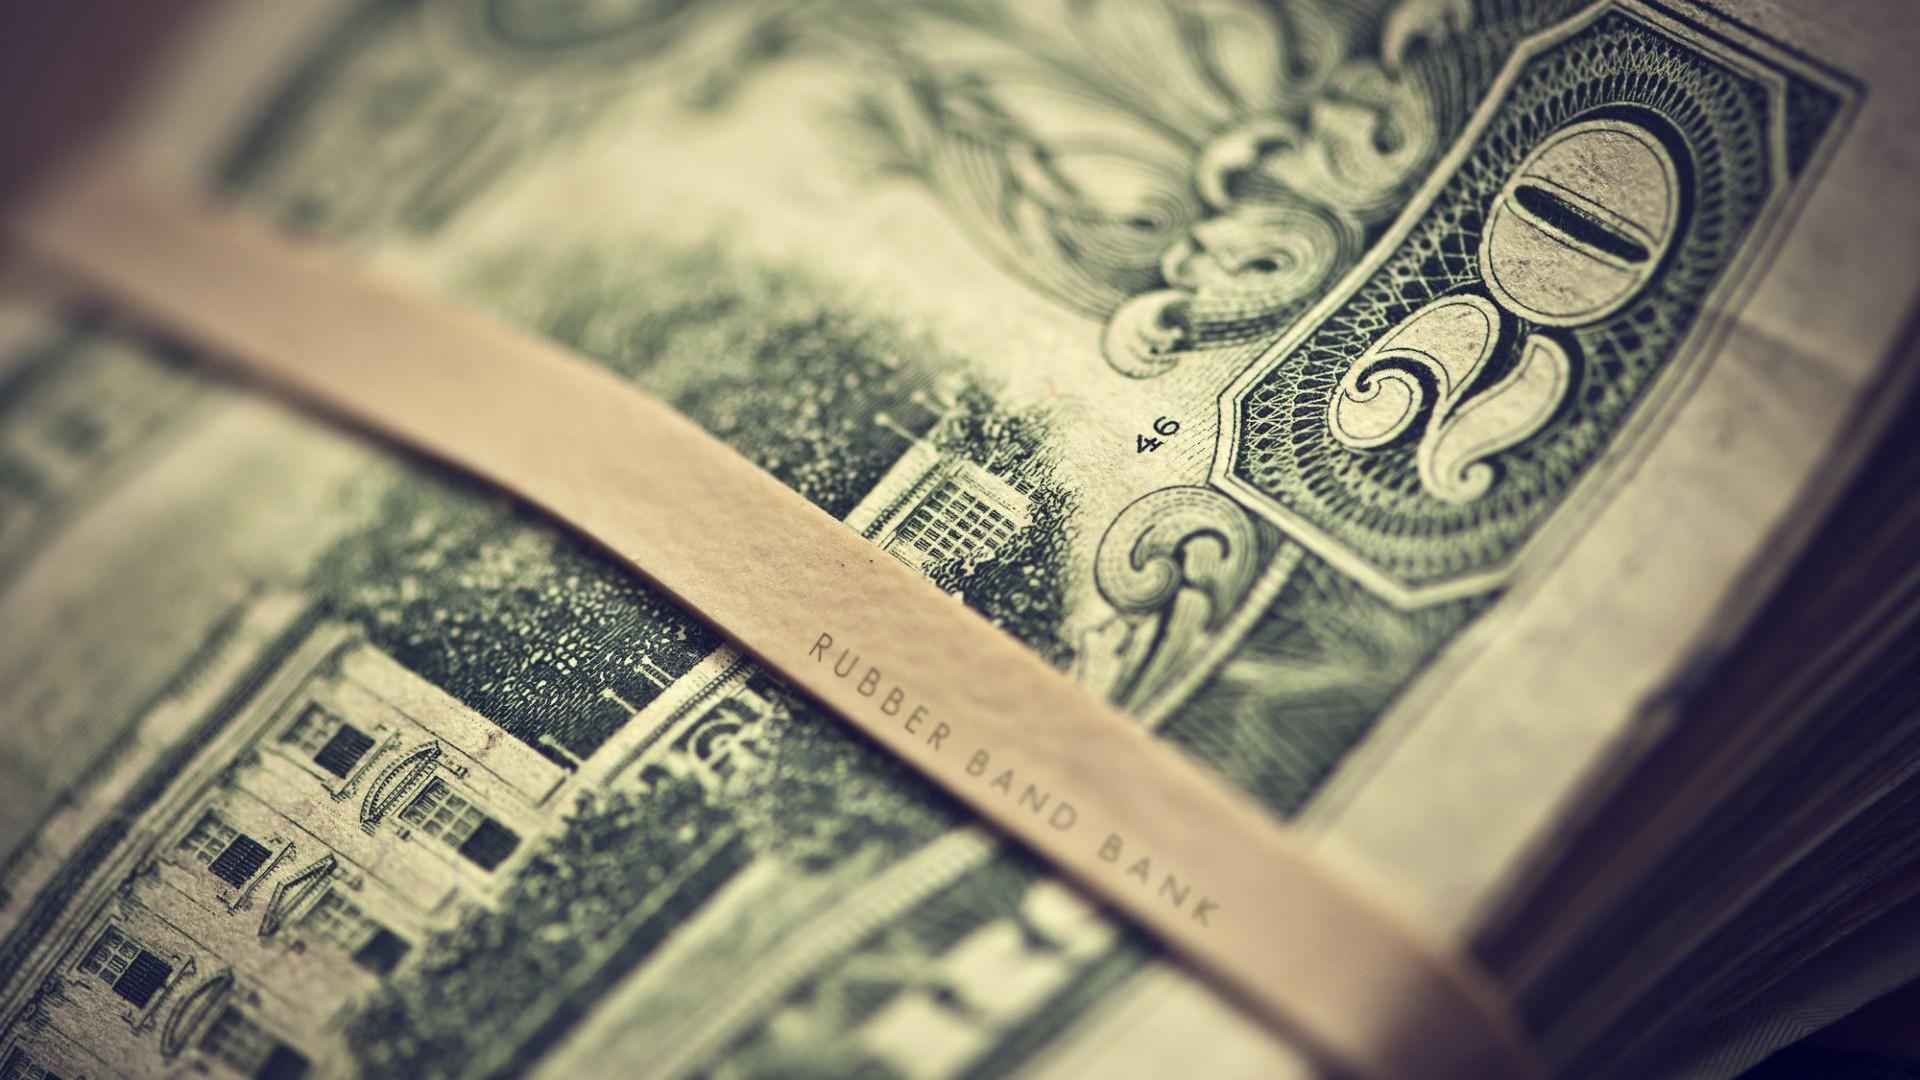 デスクトップ壁紙 モノクロ 被写界深度 お金 ドル紙幣 通貨